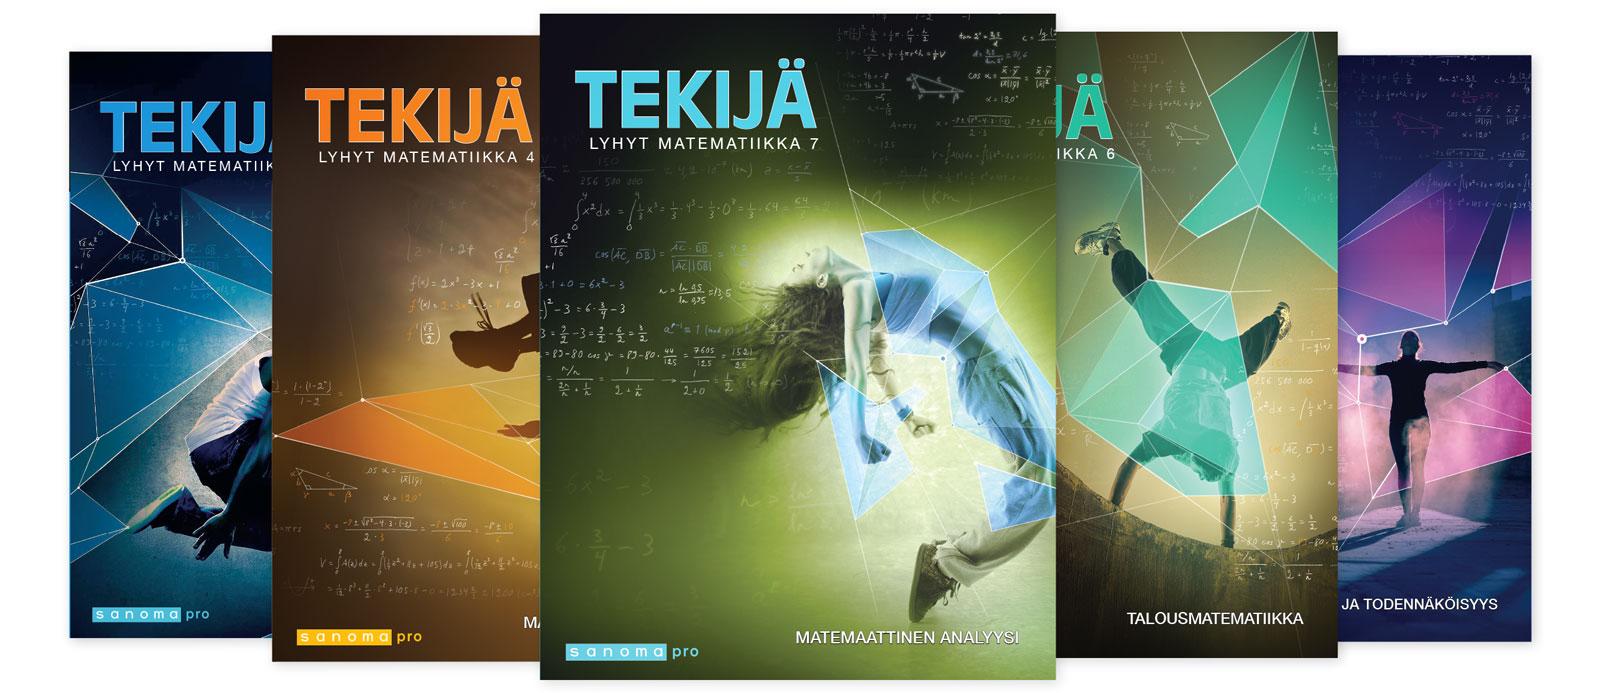 Sanoma Pro lukion matematiikan sarja Tekijä lyhyt matematiikka